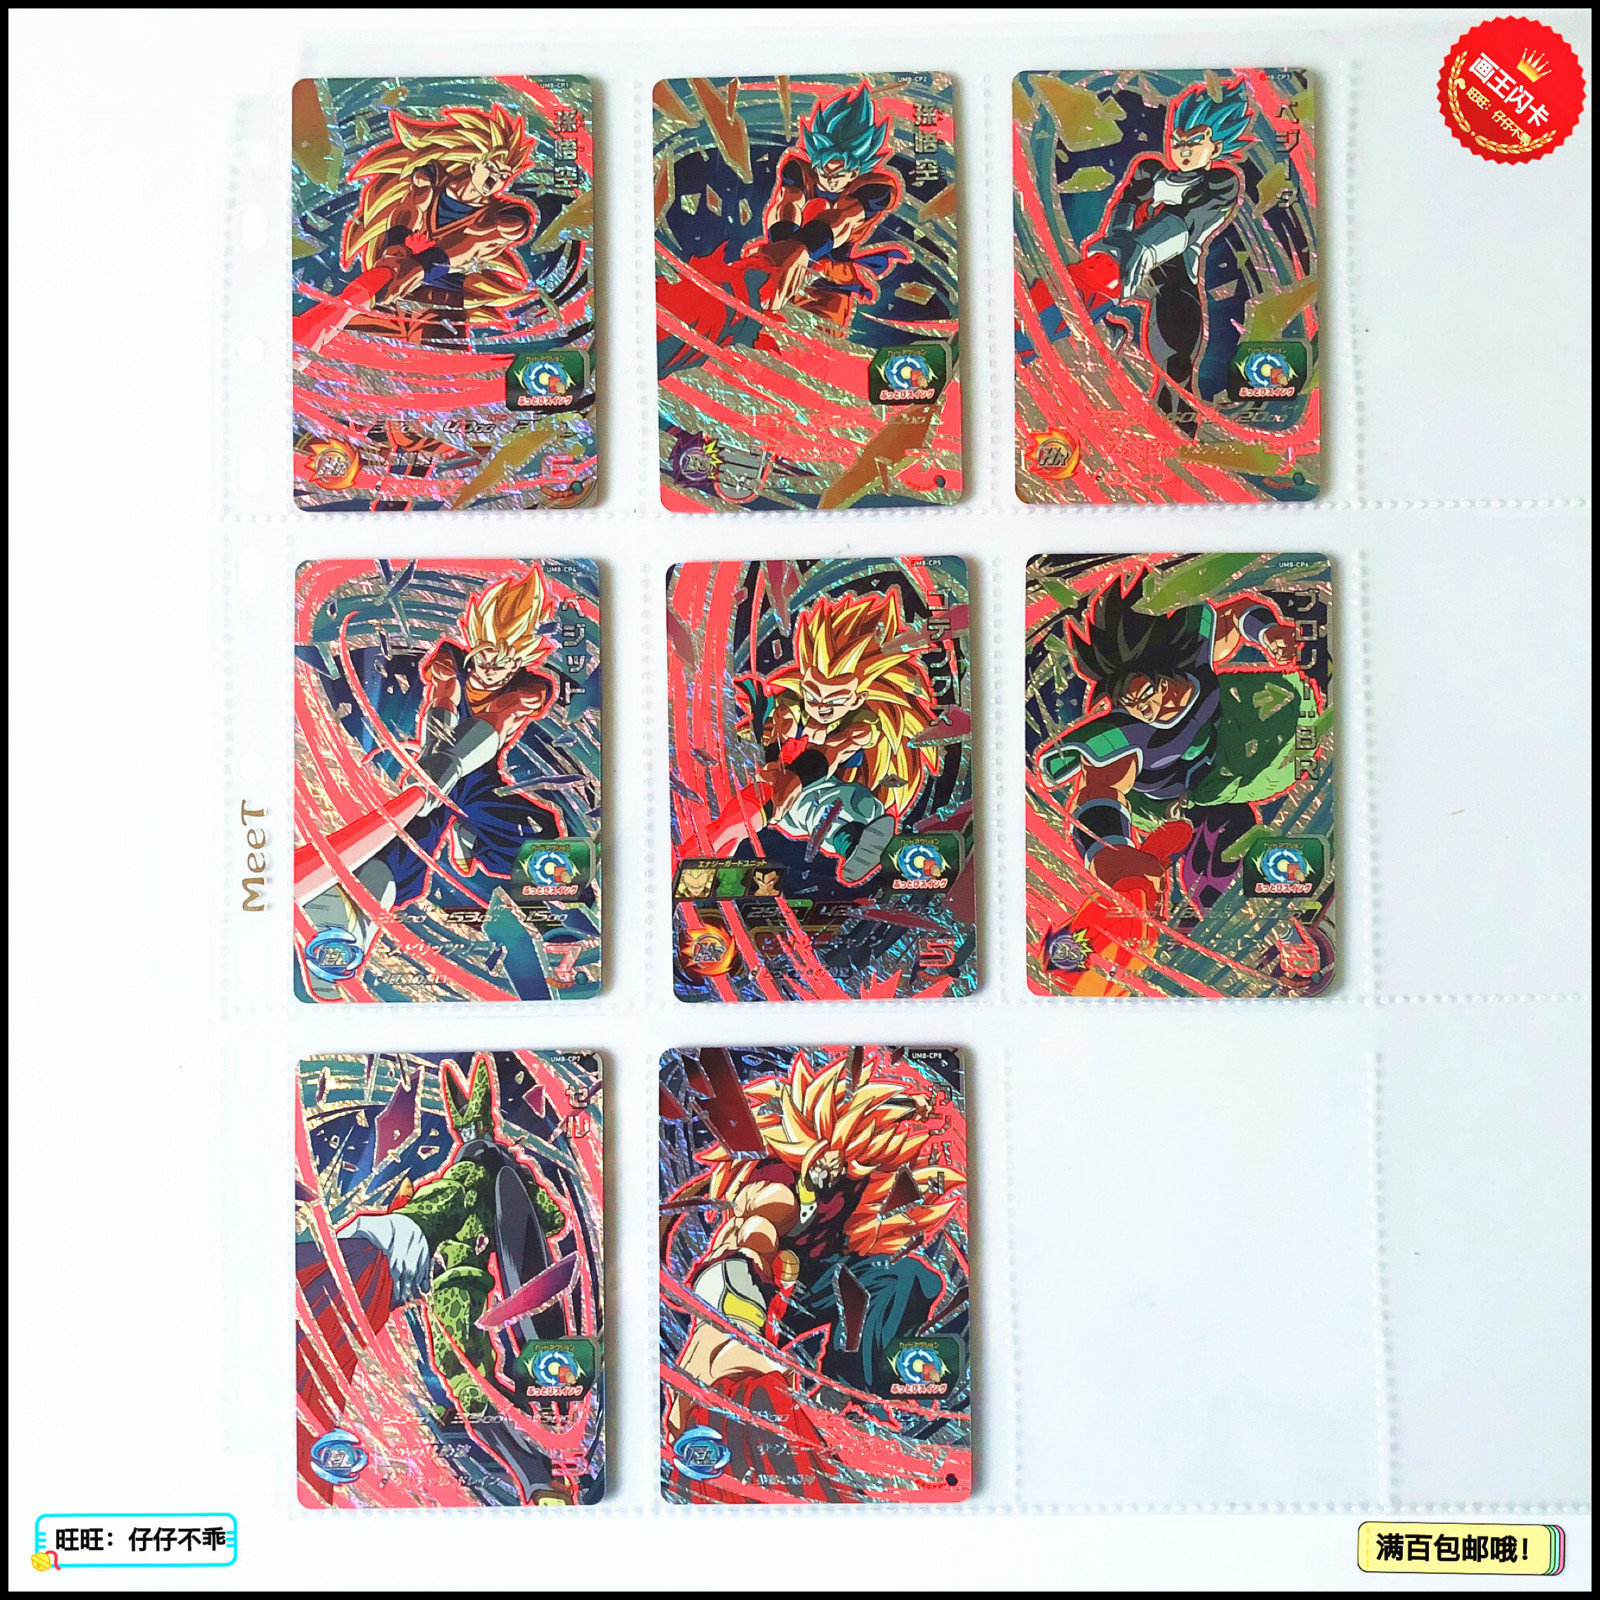 Japan Original Dragon Ball Hero Card UM8 Goku Broli Toys Hobbies Collectibles Game Collection Anime Cards